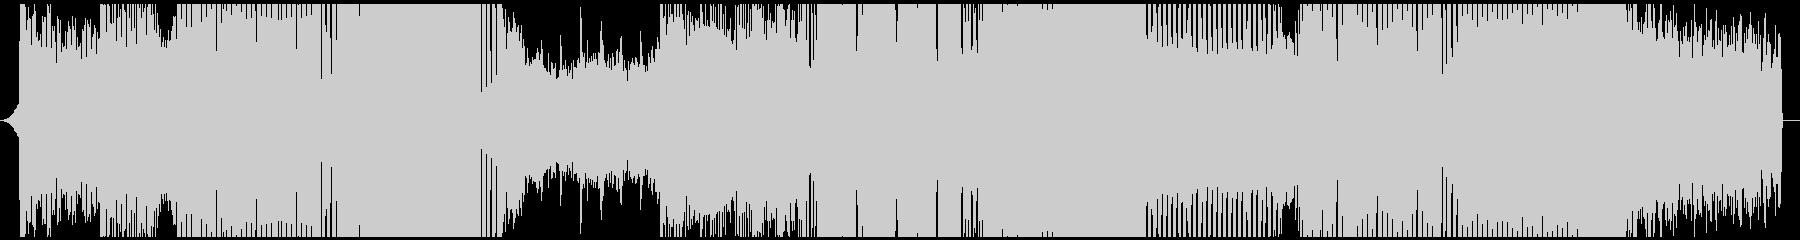 アグレッシブで印象的なリードシンセEDMの未再生の波形